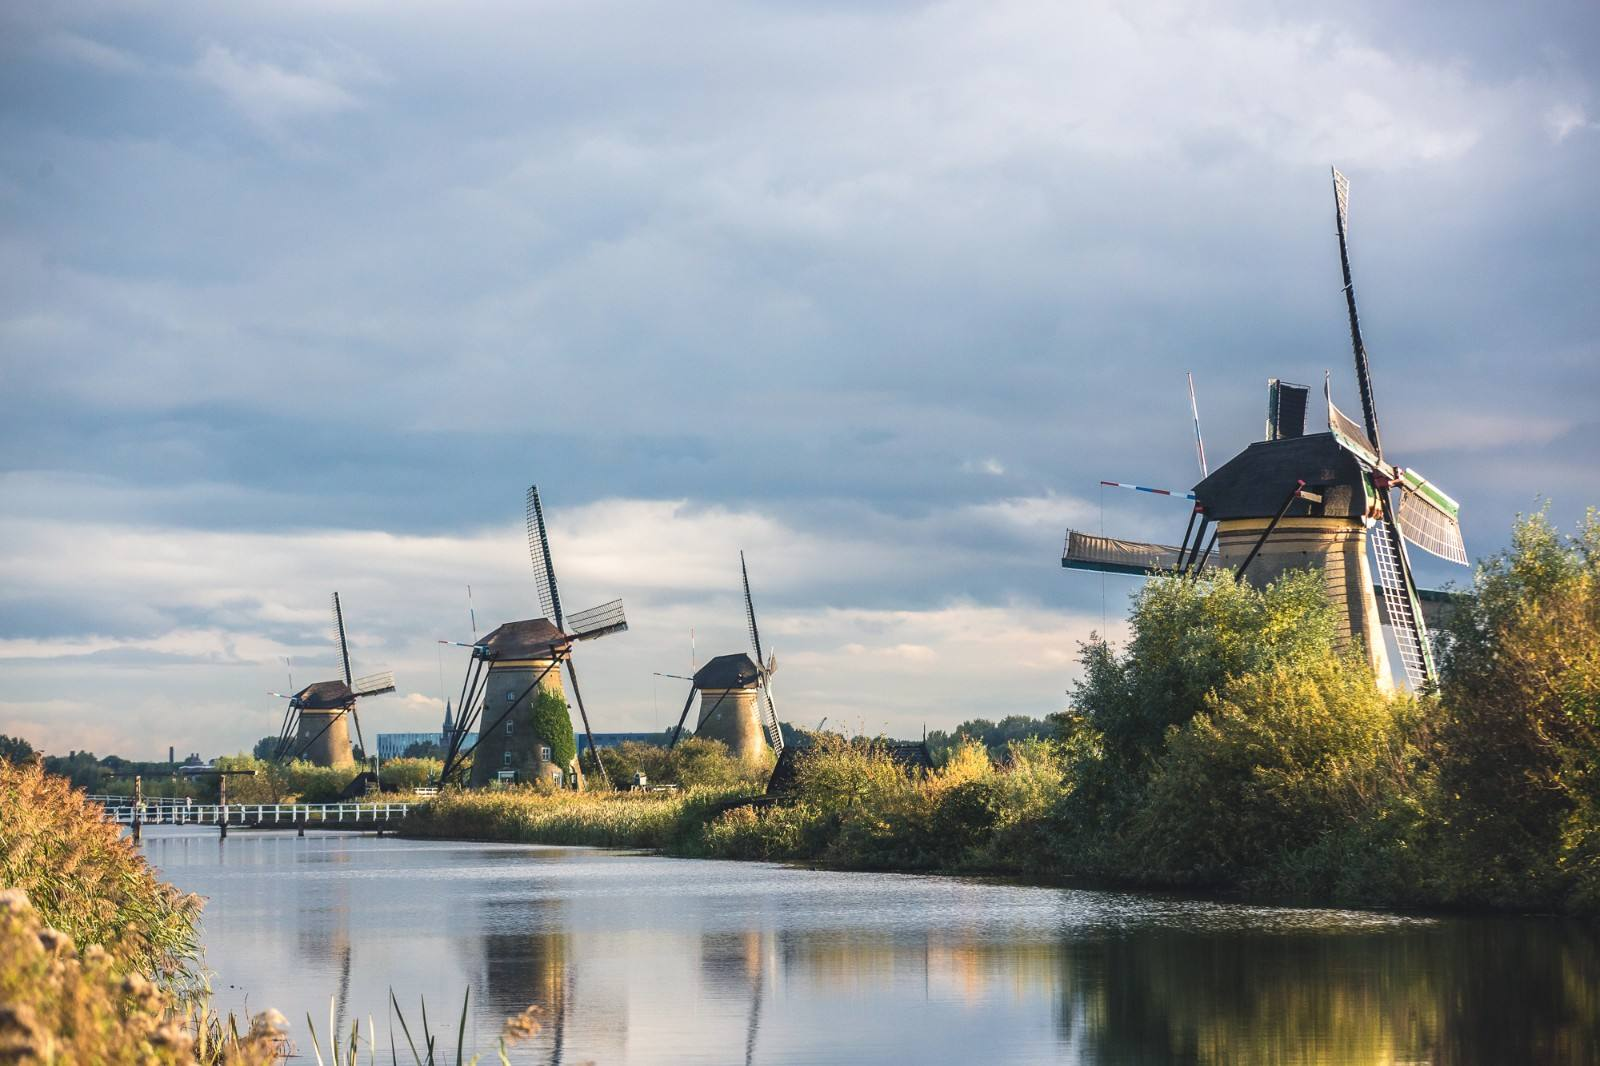 荷兰将控制欧盟以外留学生数量 加收申请费学费图1